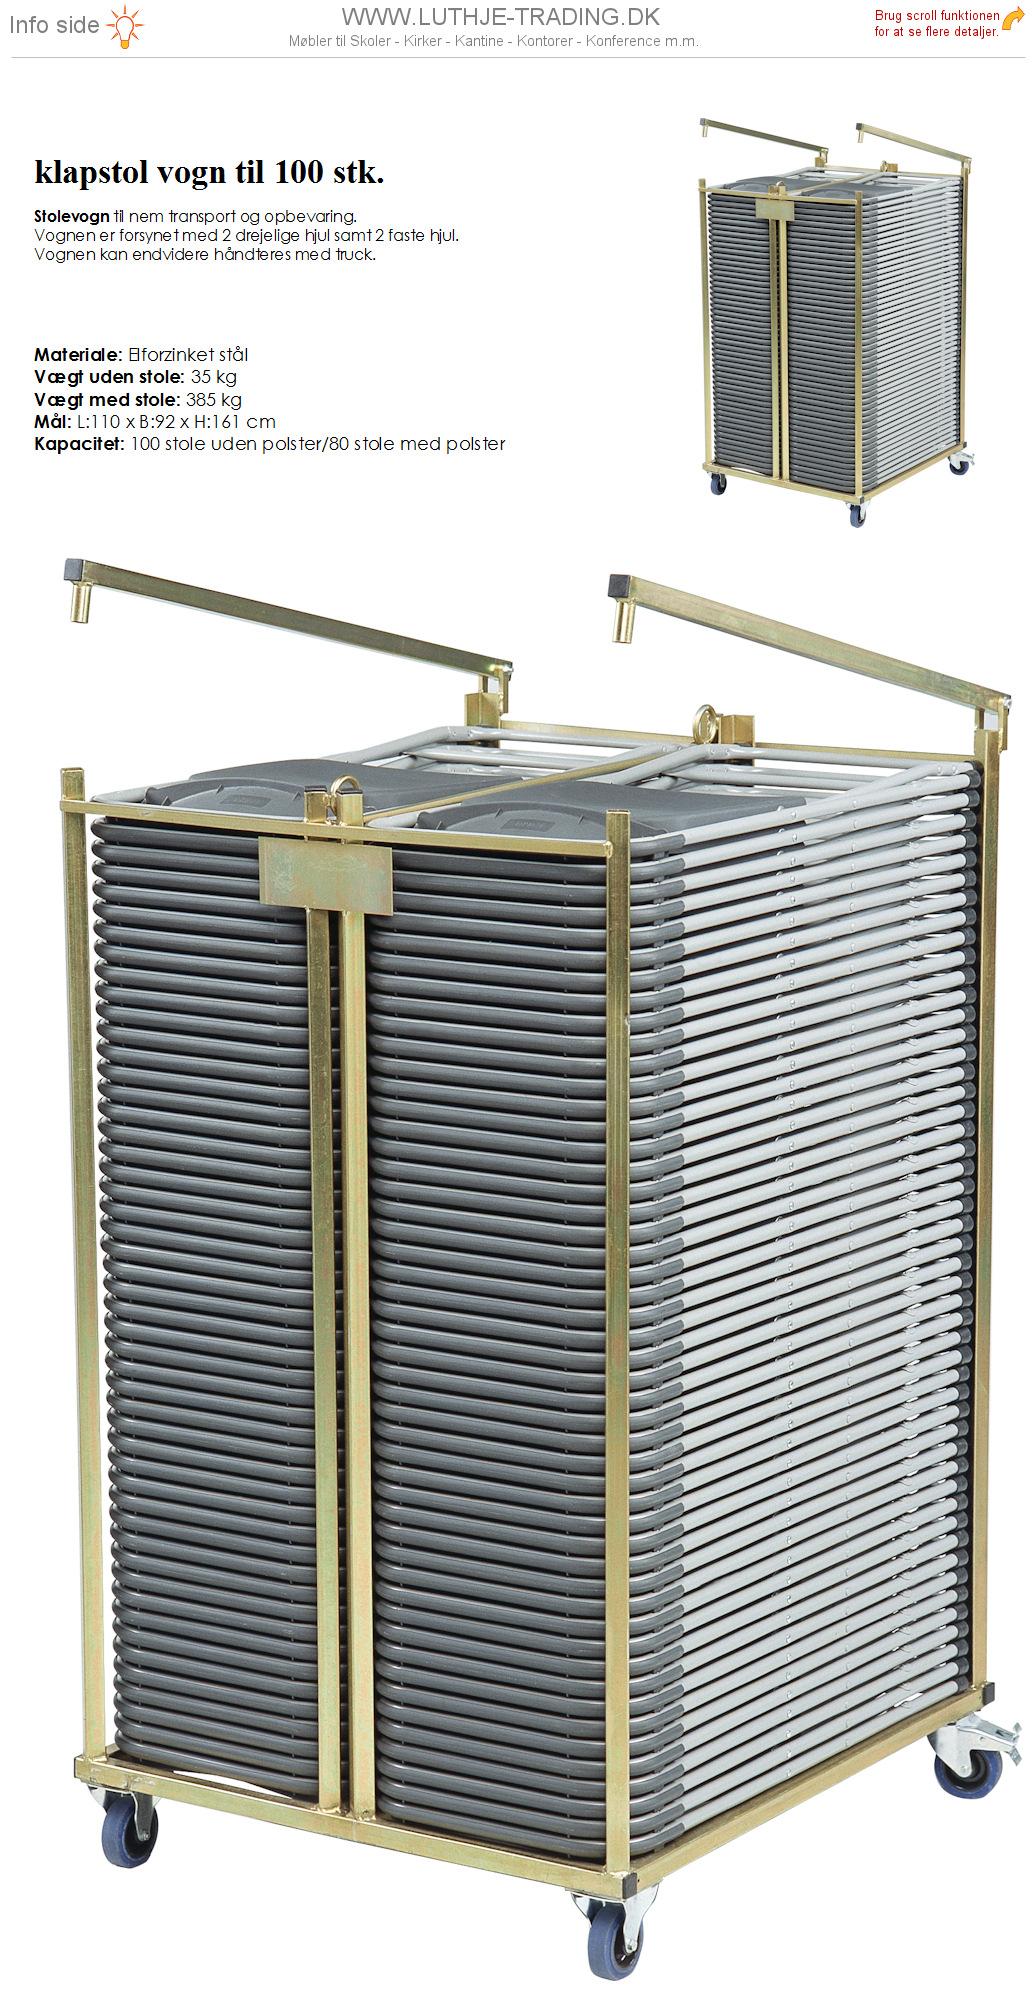 Klapstol vogn. Kan transportere og opbevare 100 stk. klapstole uden polster og 80 stk. klapstole med polster.